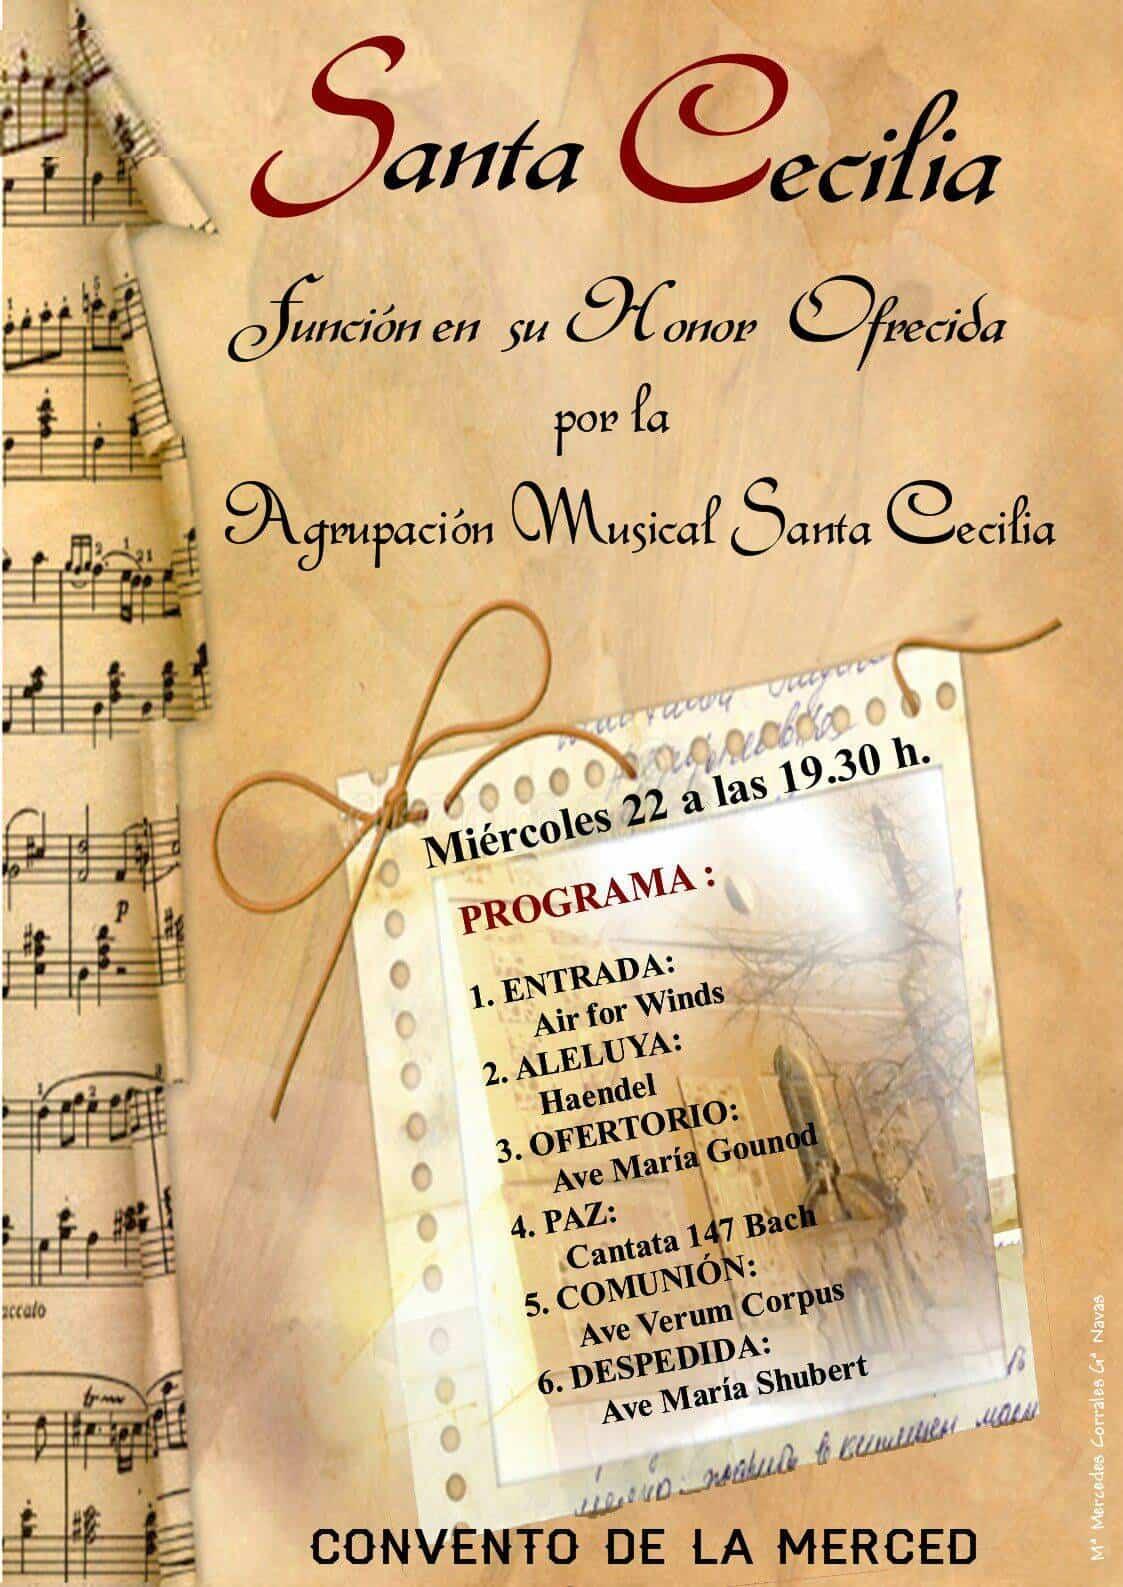 funcion en honor a santa cecilia - Actos de la Banda de Música en homenaje a Santa Cecilia